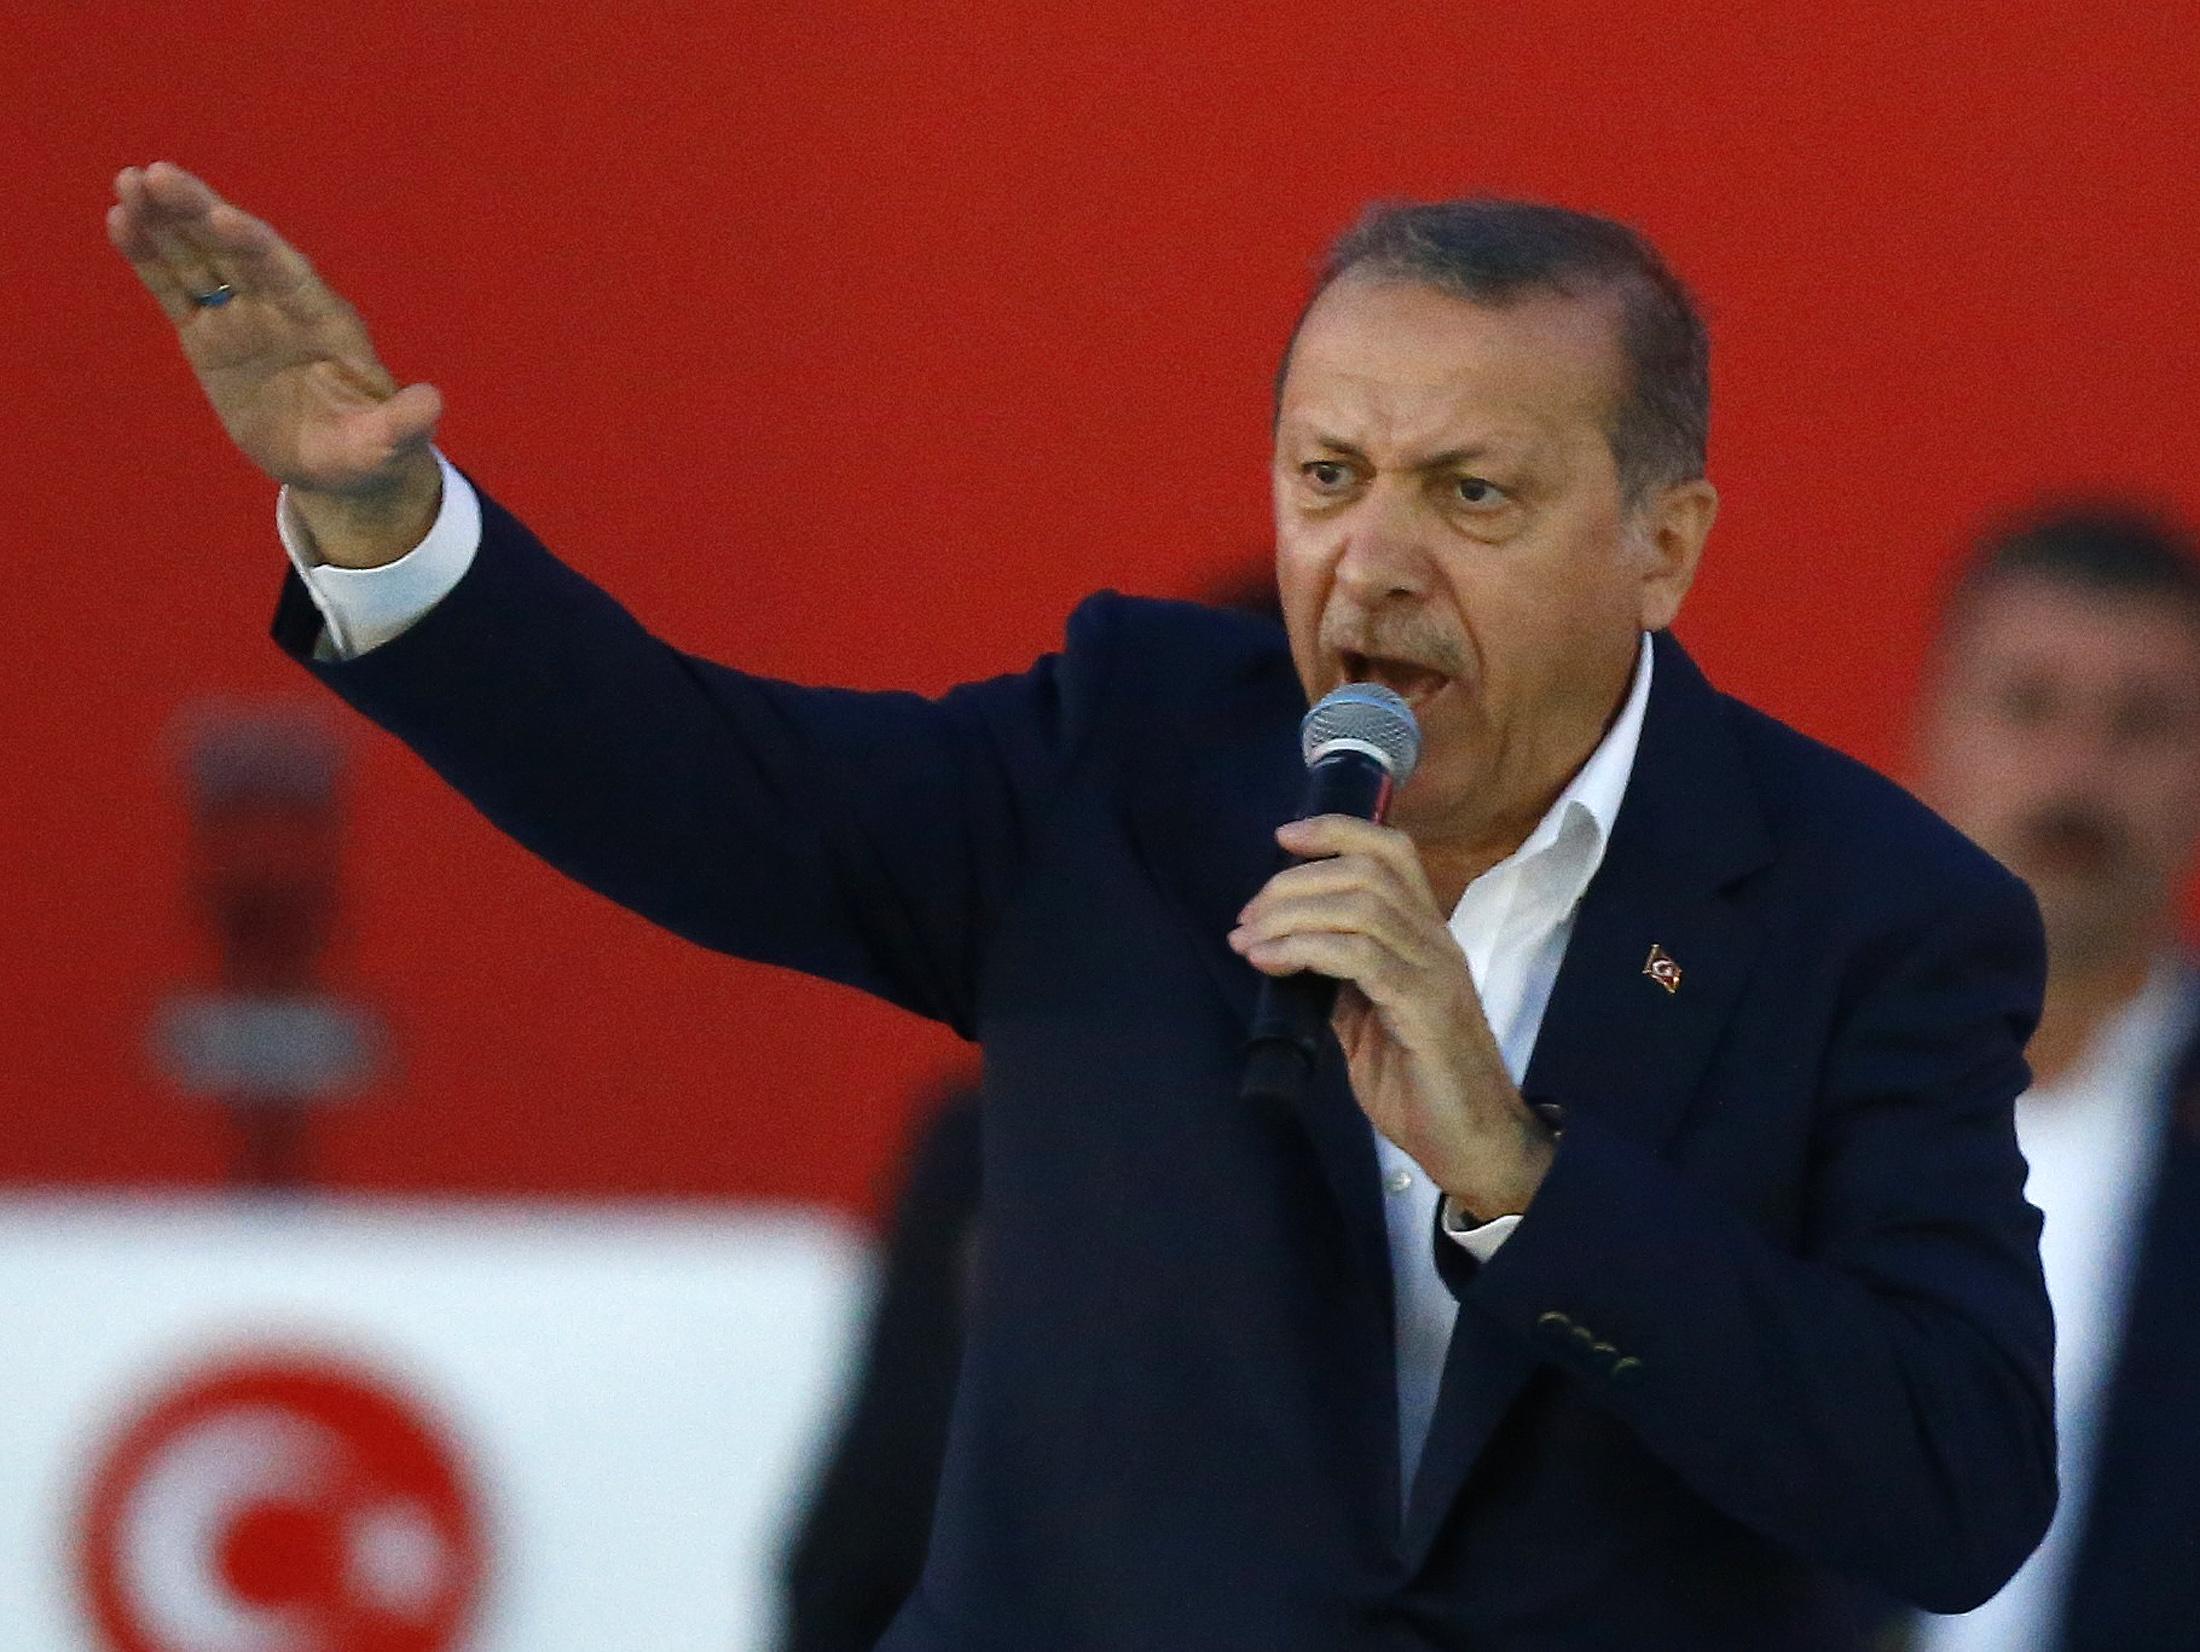 25f4b63105d Erdogan hájí čistky a pohrozil bankám kvůli vysokým úrokům